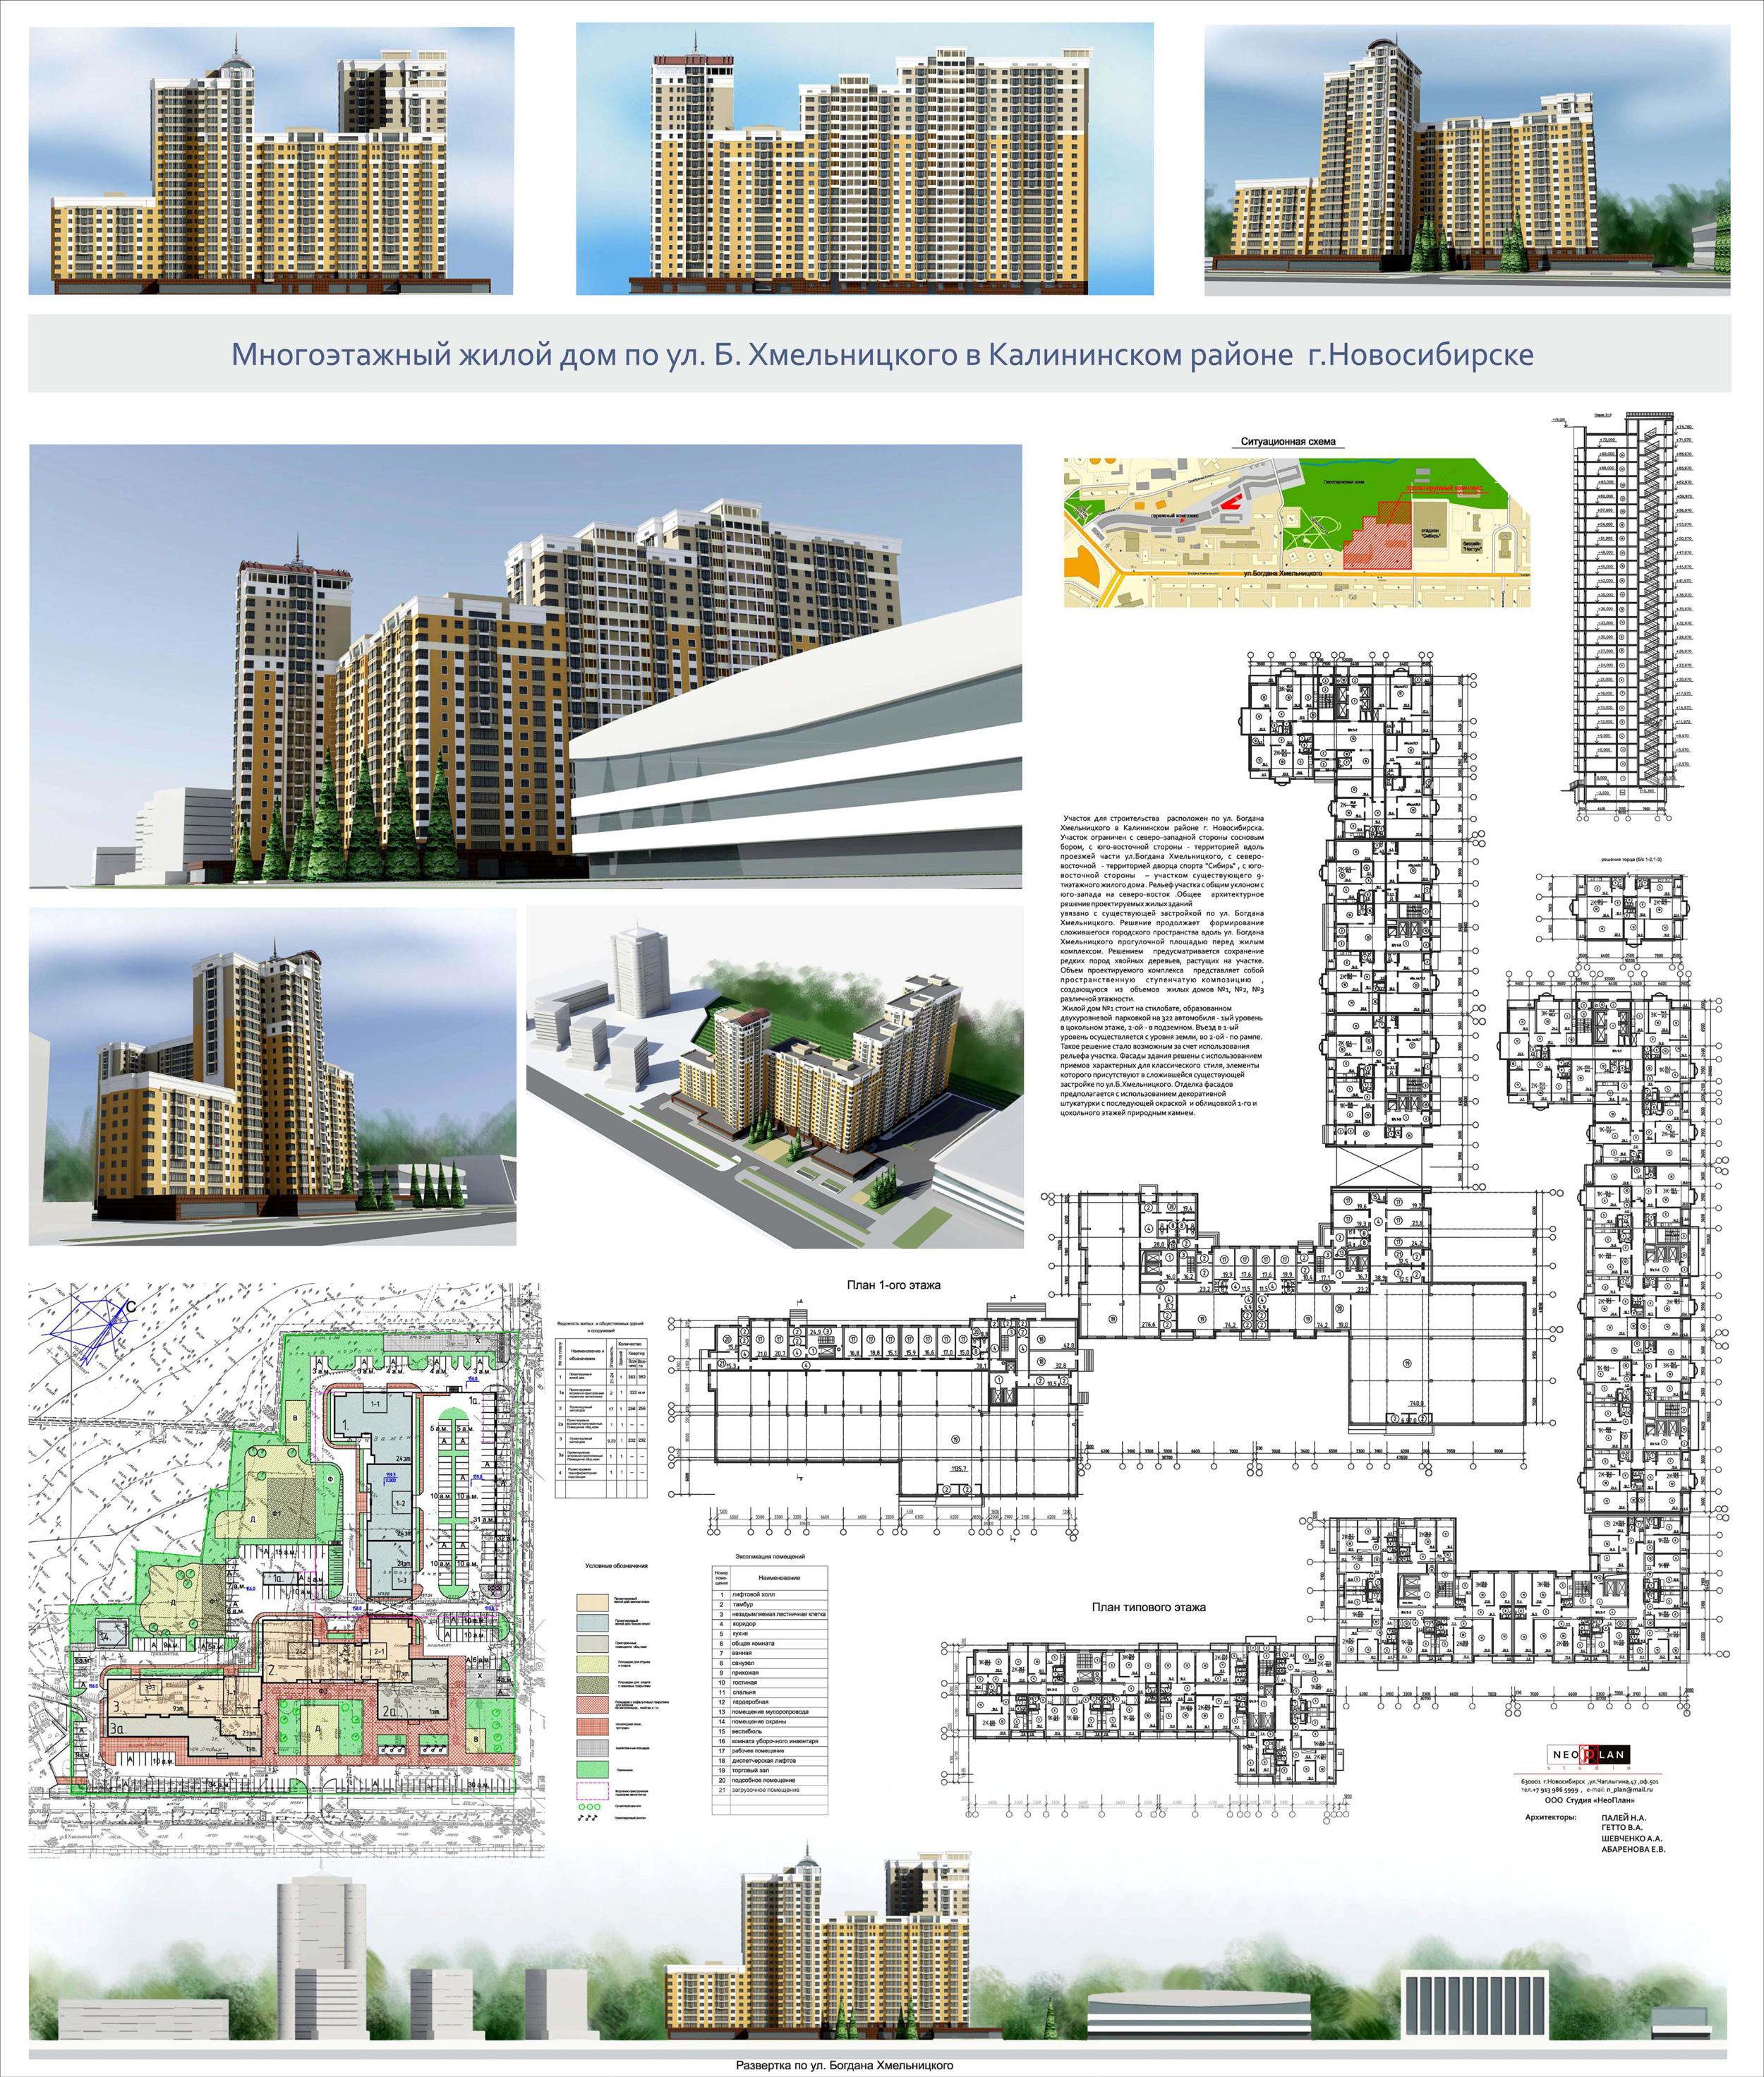 Многоэтажный жилой дом по ул б